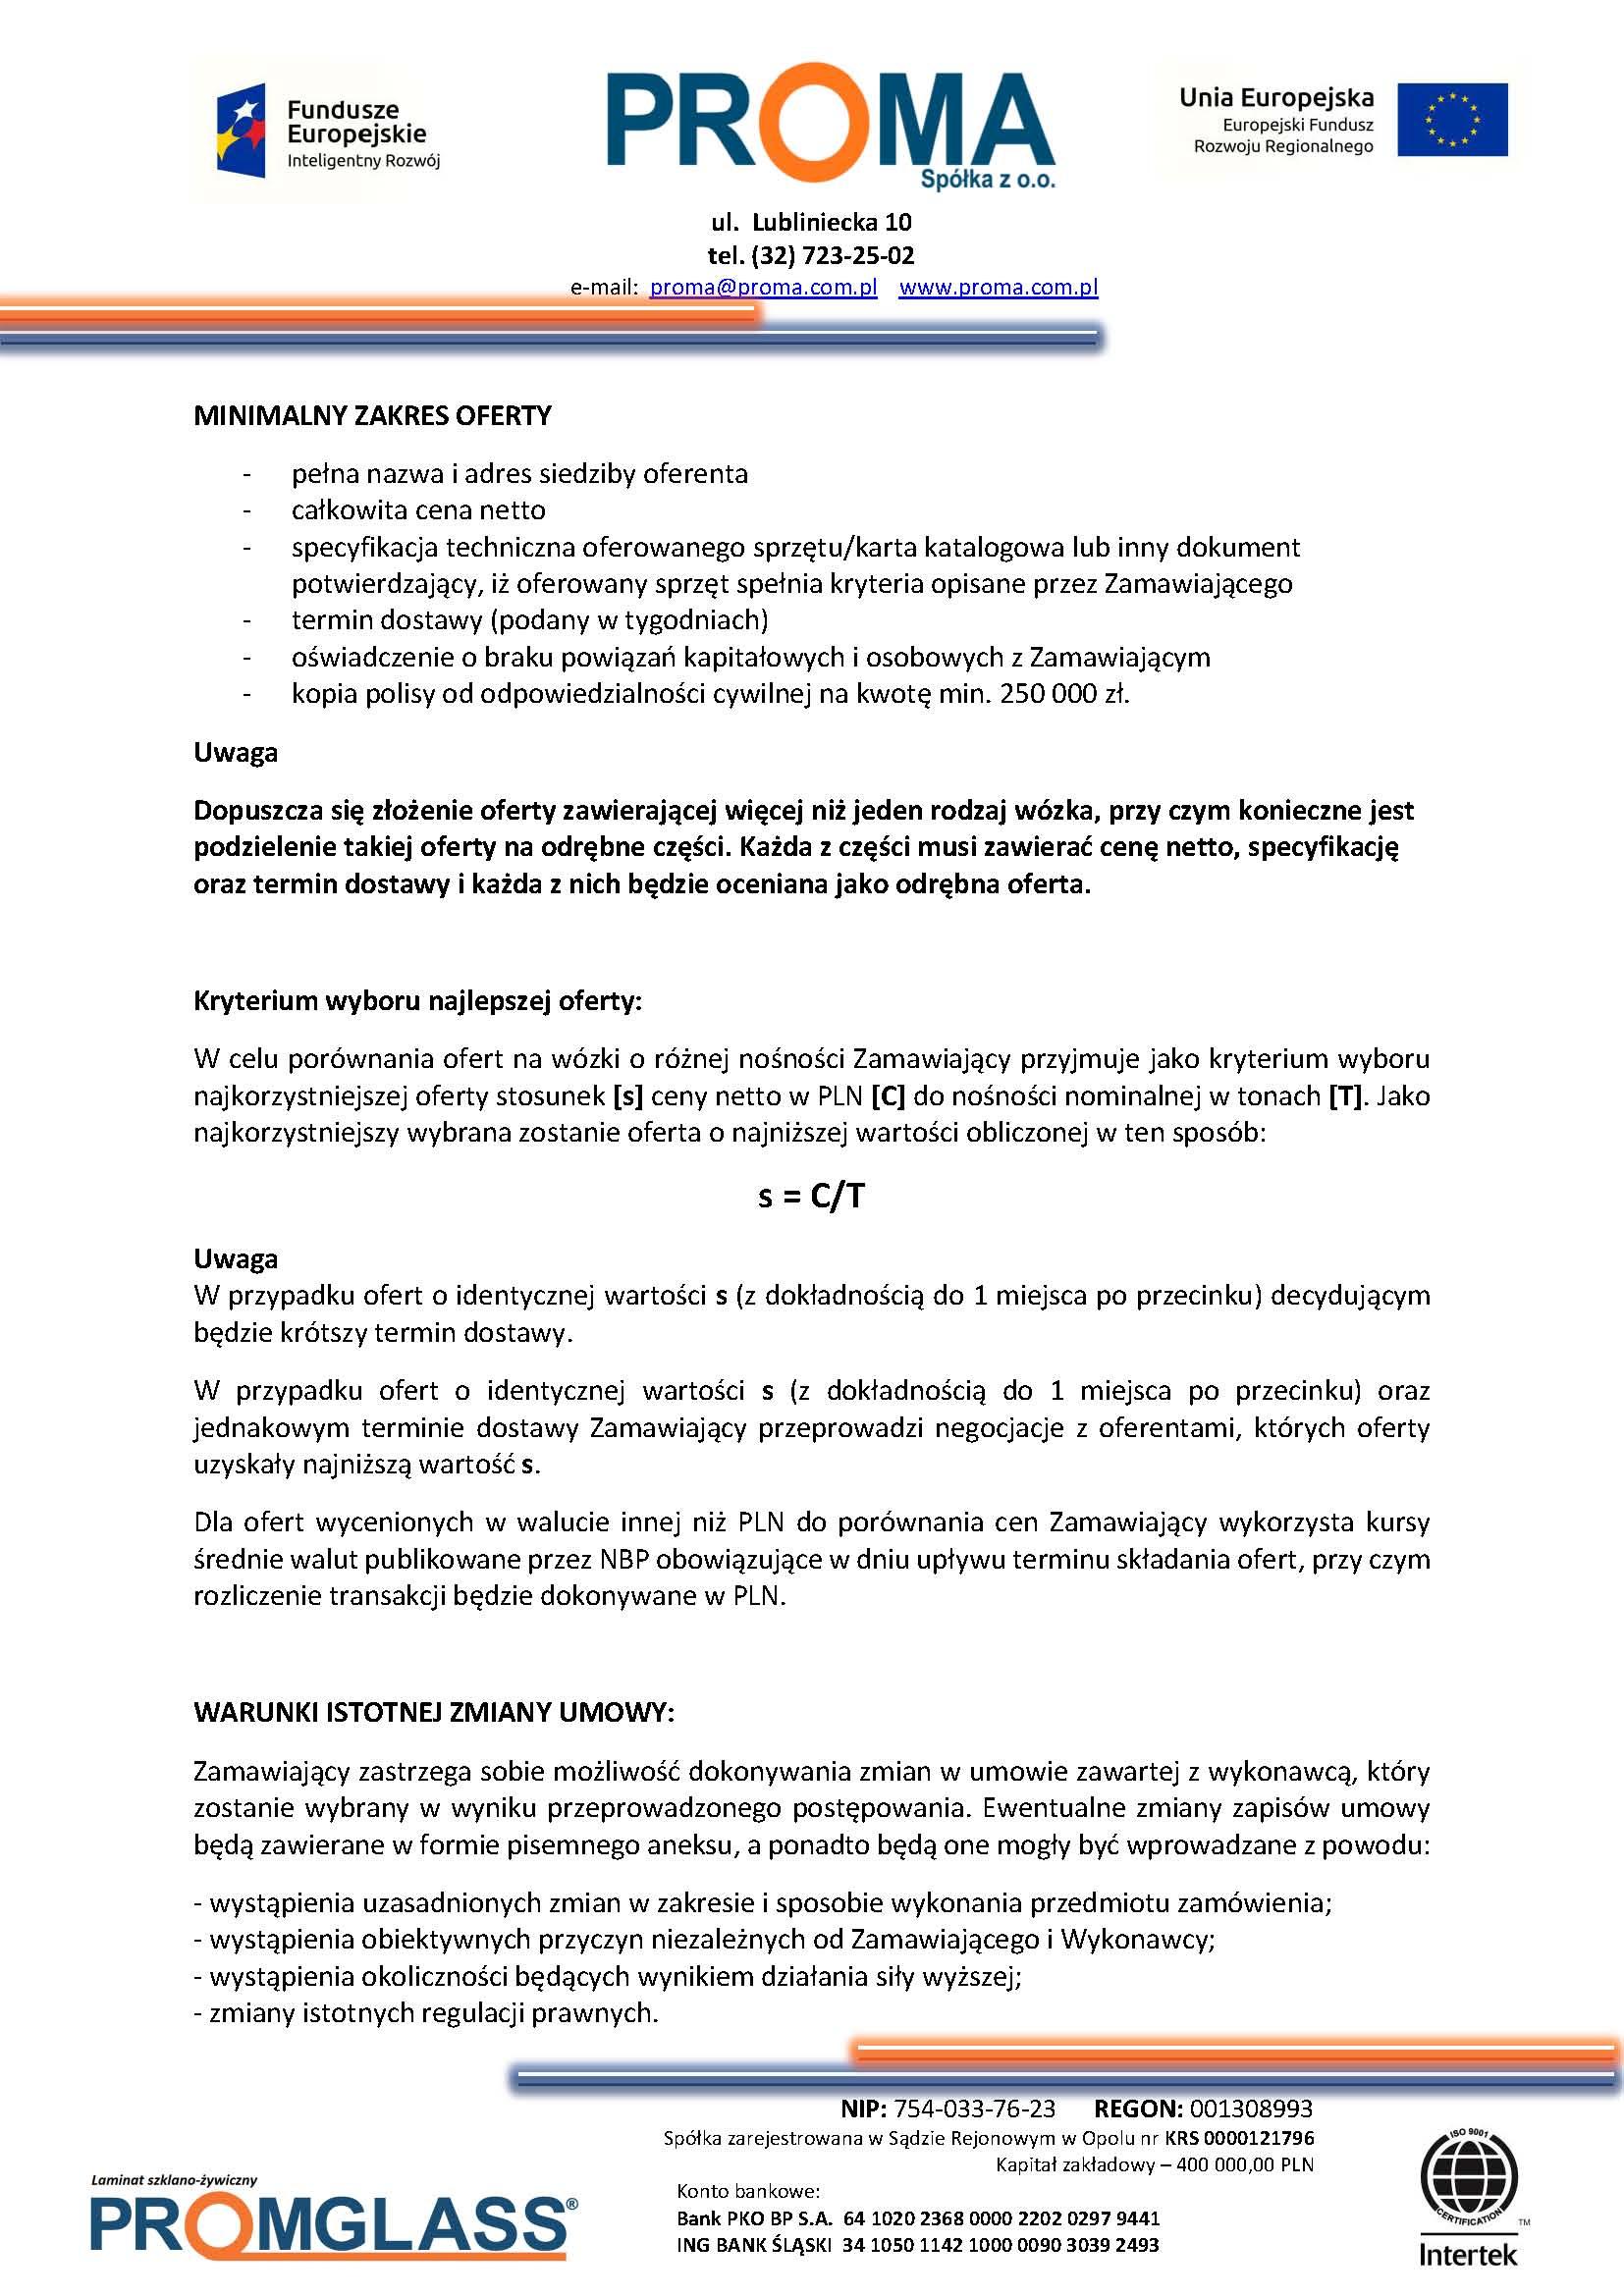 ZAPYTANIE_OFERTOWE_001_2018_Strona_3